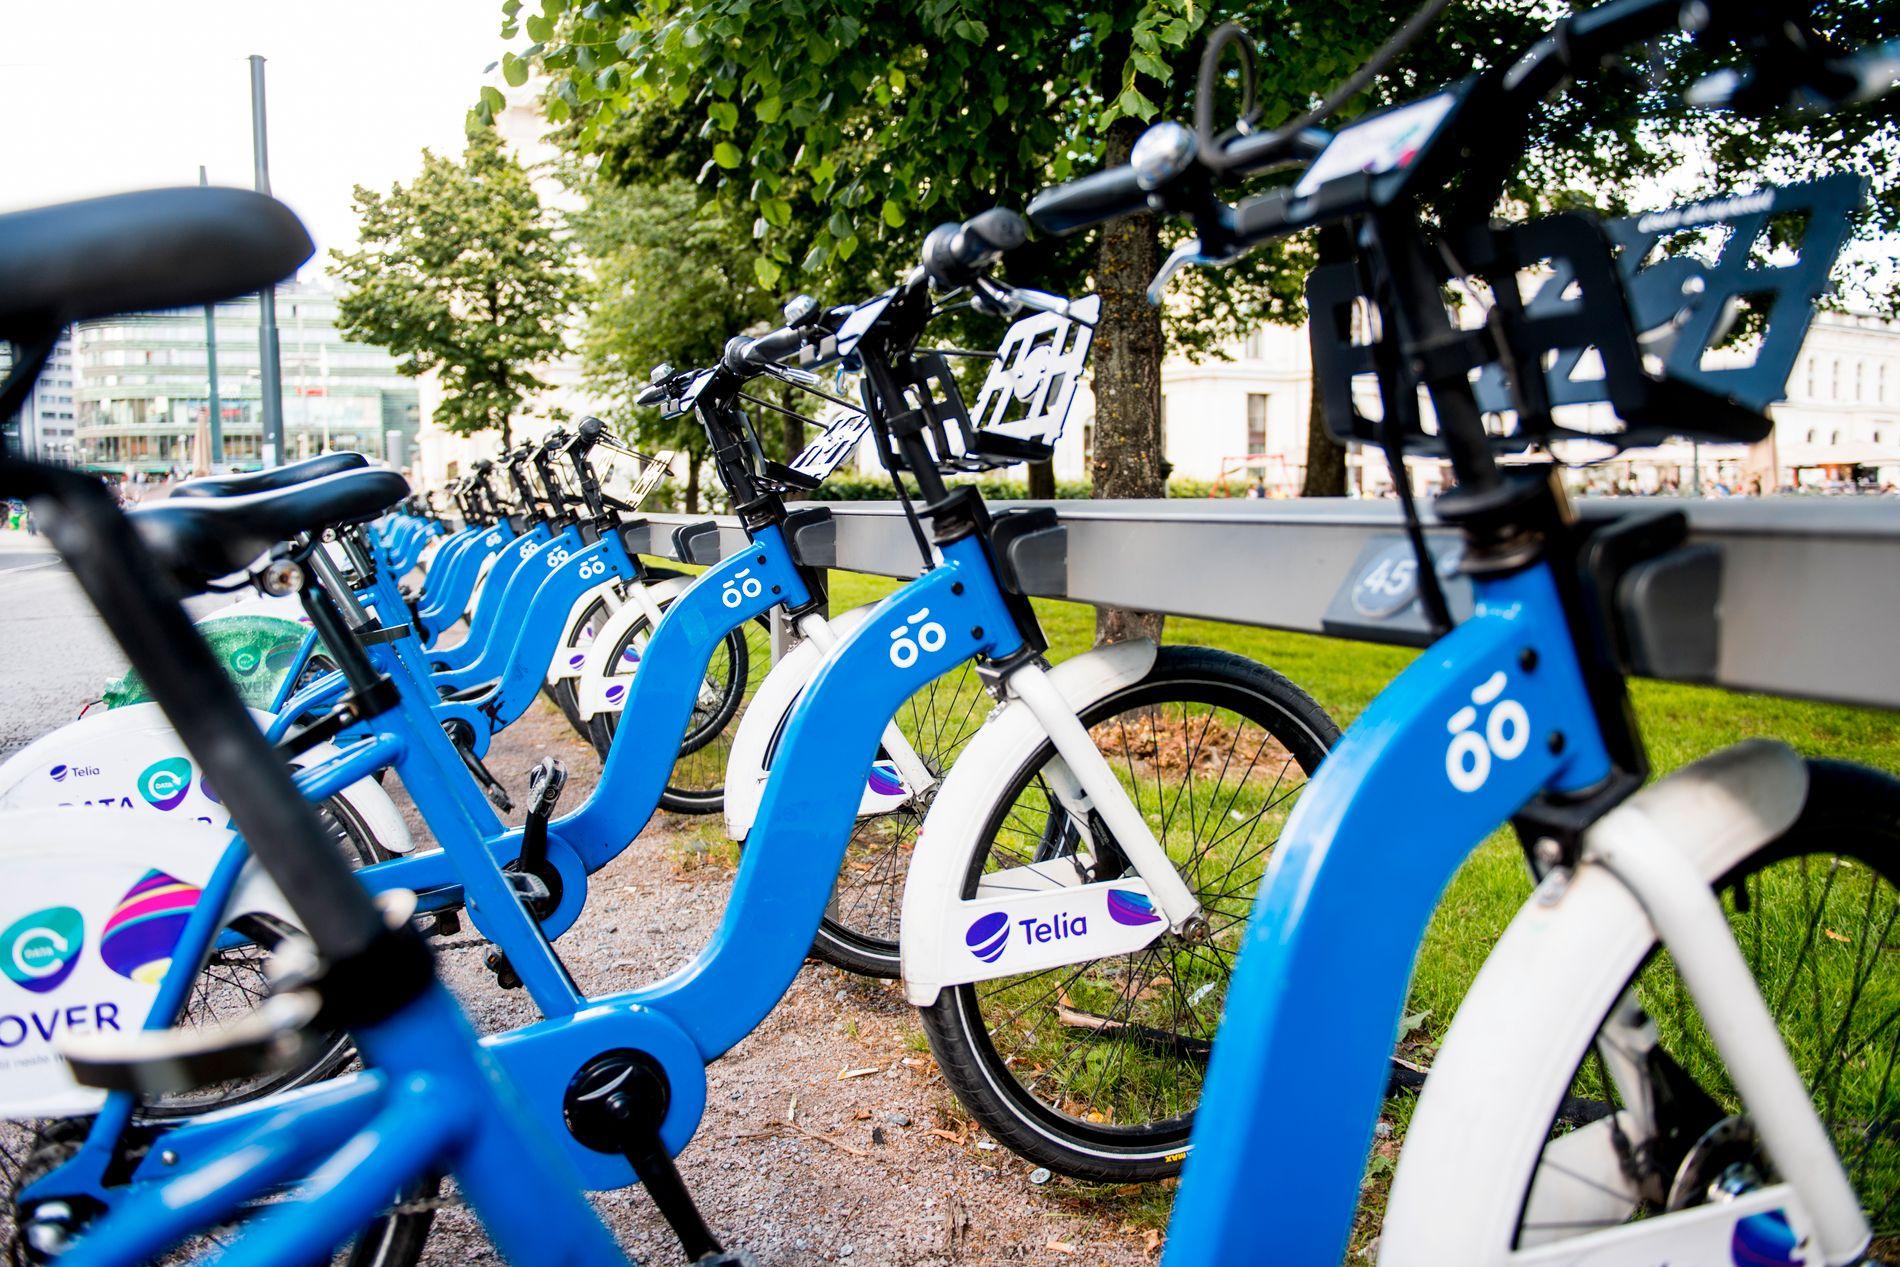 LØNNER SEG: I statsbudsjettet for 2019 tas det grep for at det skal lønne seg å velge miljøvennlig. Satsingen på kollektivtransport, sykkel og jernbane er stor, skriver innsender.